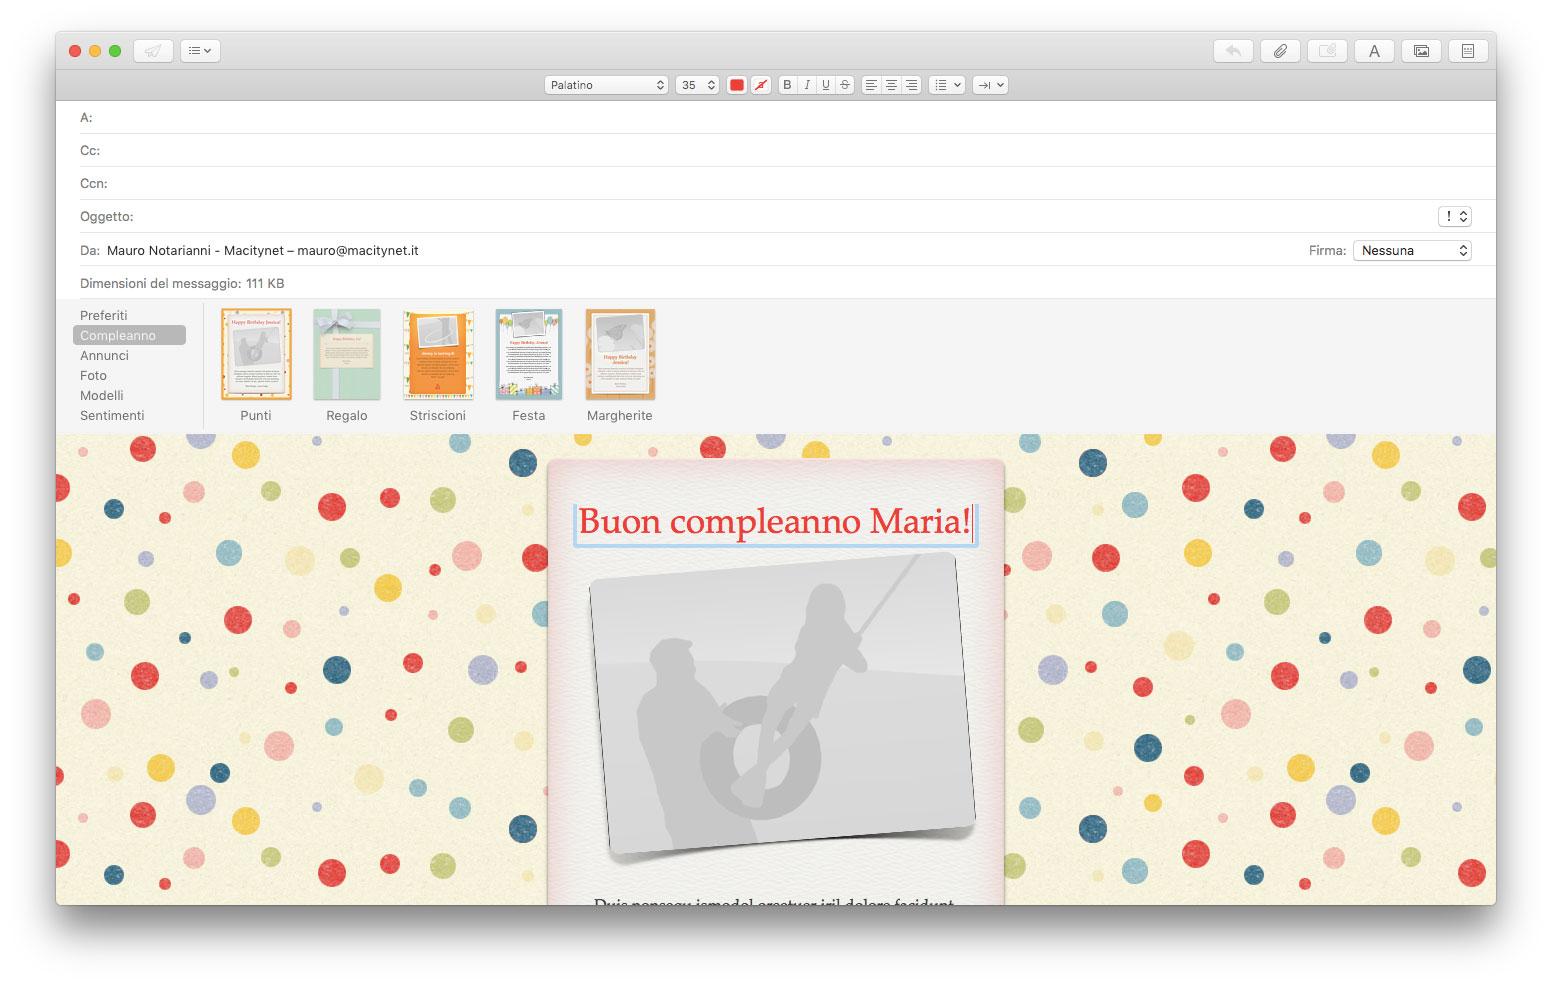 Con Mail integrato fino a macOS 10.13 è possibile scrivere un nuovo messaggio partendo da modelli personalizzati. Una funzionalità sparita da Mail per macOS Mojave